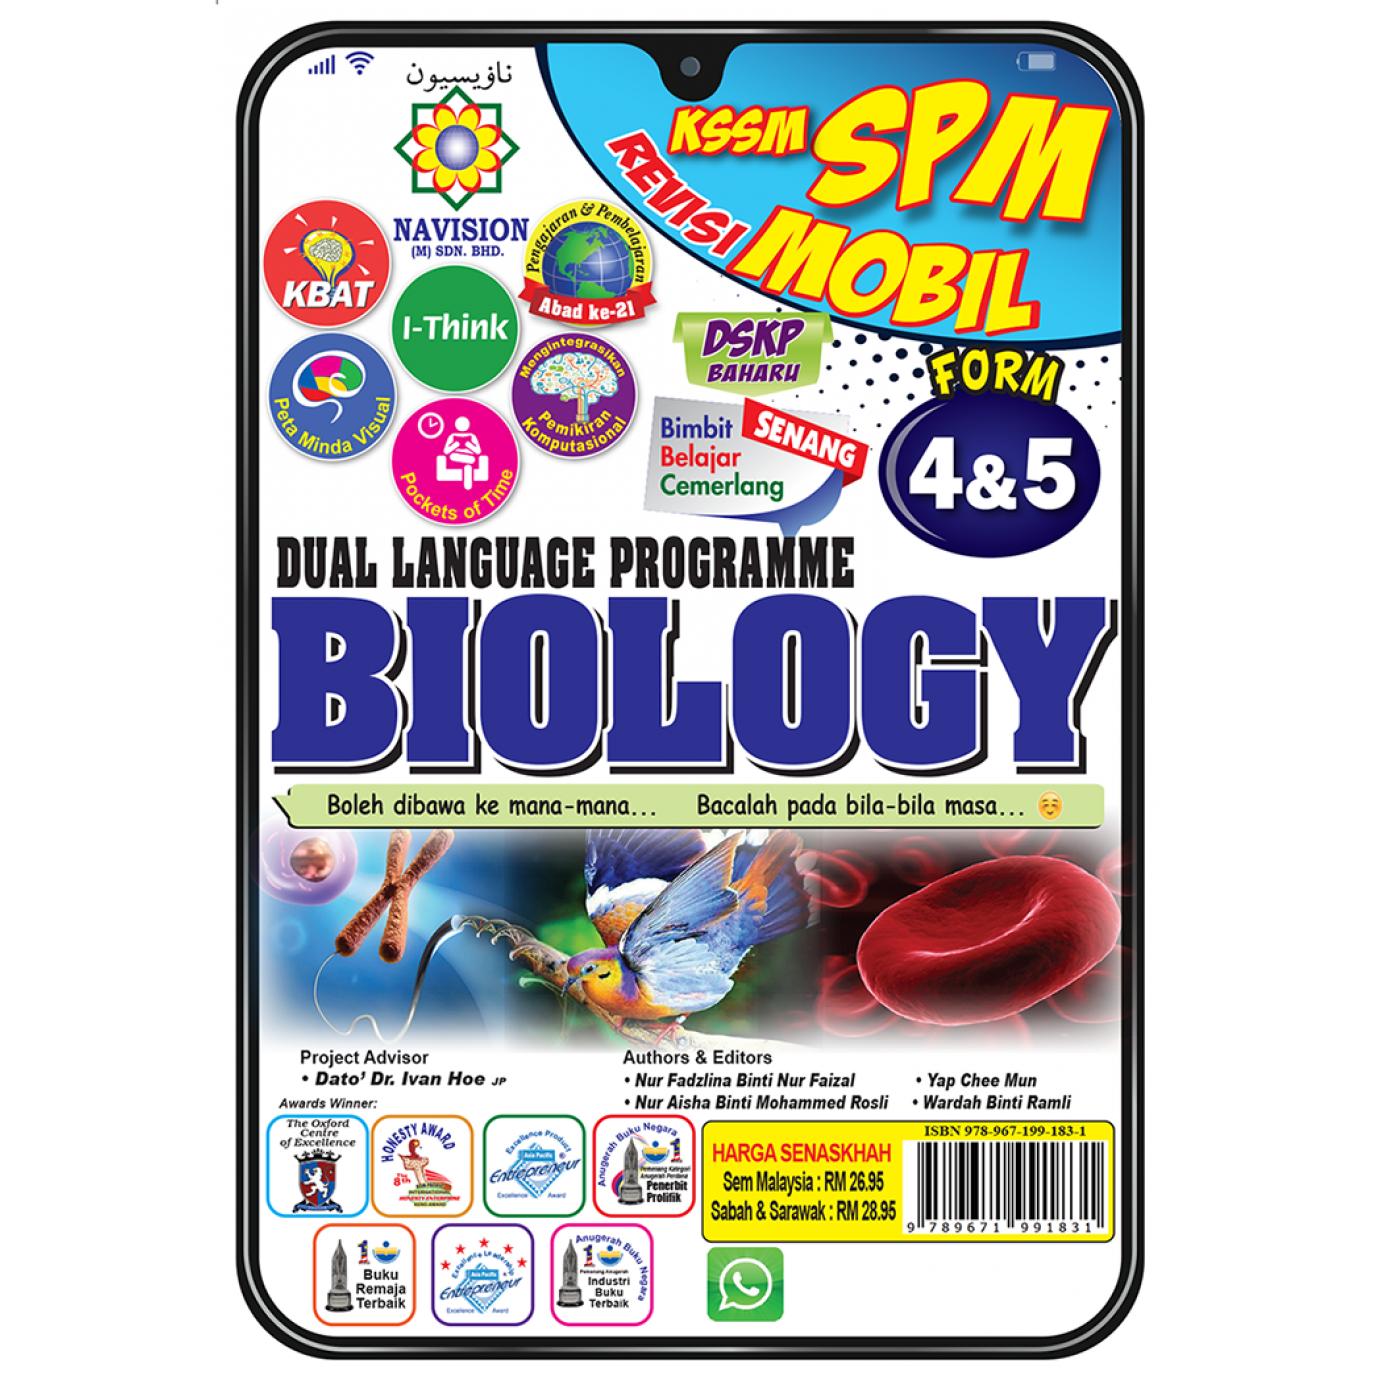 Revisi Mobil KSSM & SPM Biology (DLP) Form 4&5